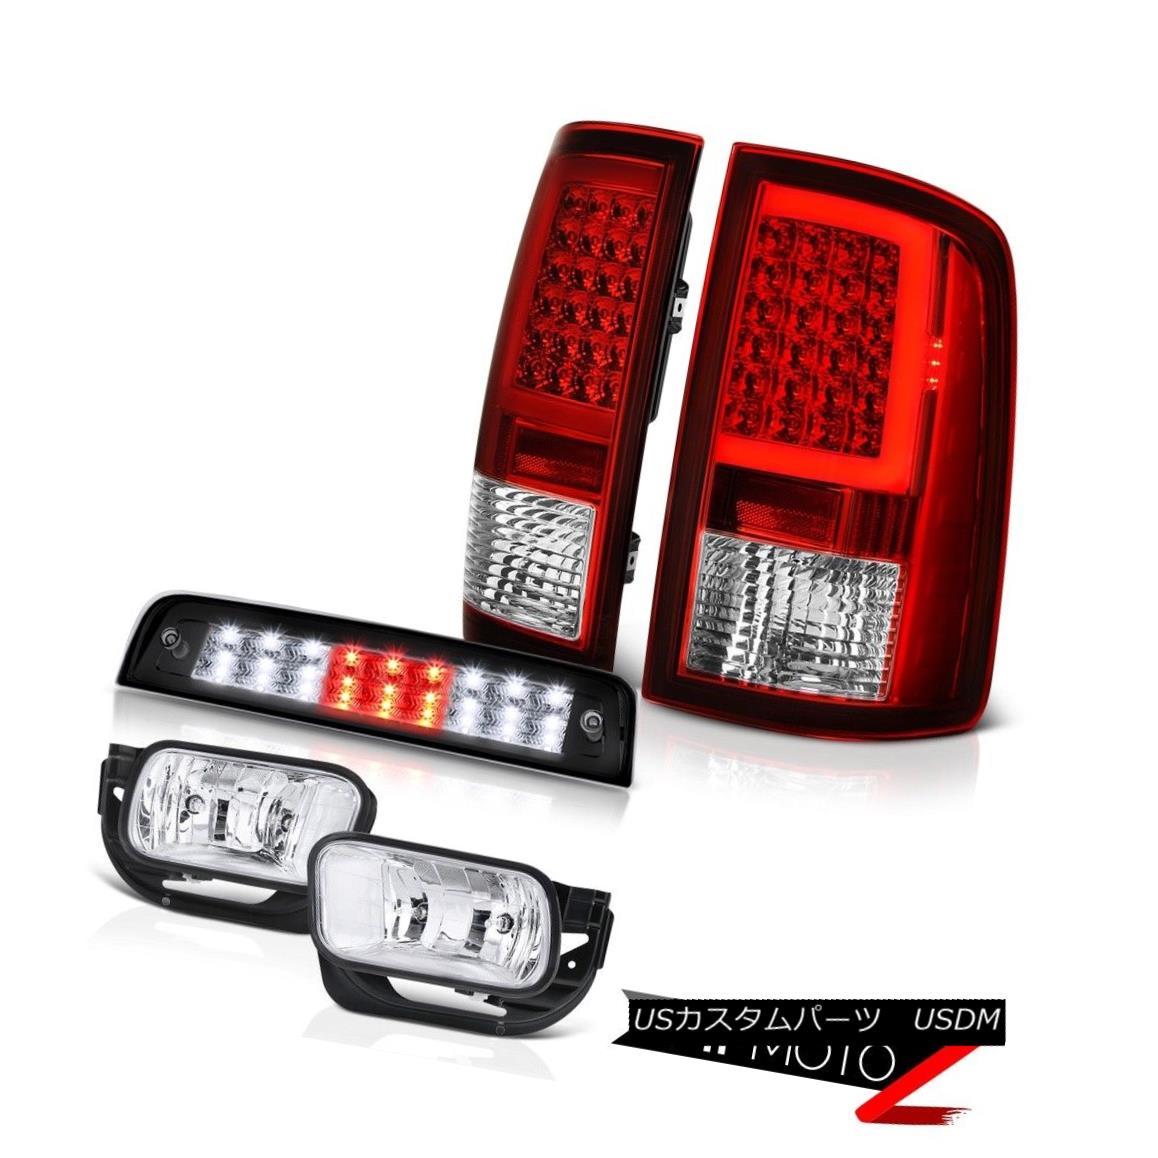 テールライト 09-16 17 18 Dodge RAM 3500 Third Brake Lights Red Tail Lamps Chrome Fog SET PAIR 09-16 17 18ダッジRAM 3500第3ブレーキライトレッドテールランプクロームフォグSET PAIR